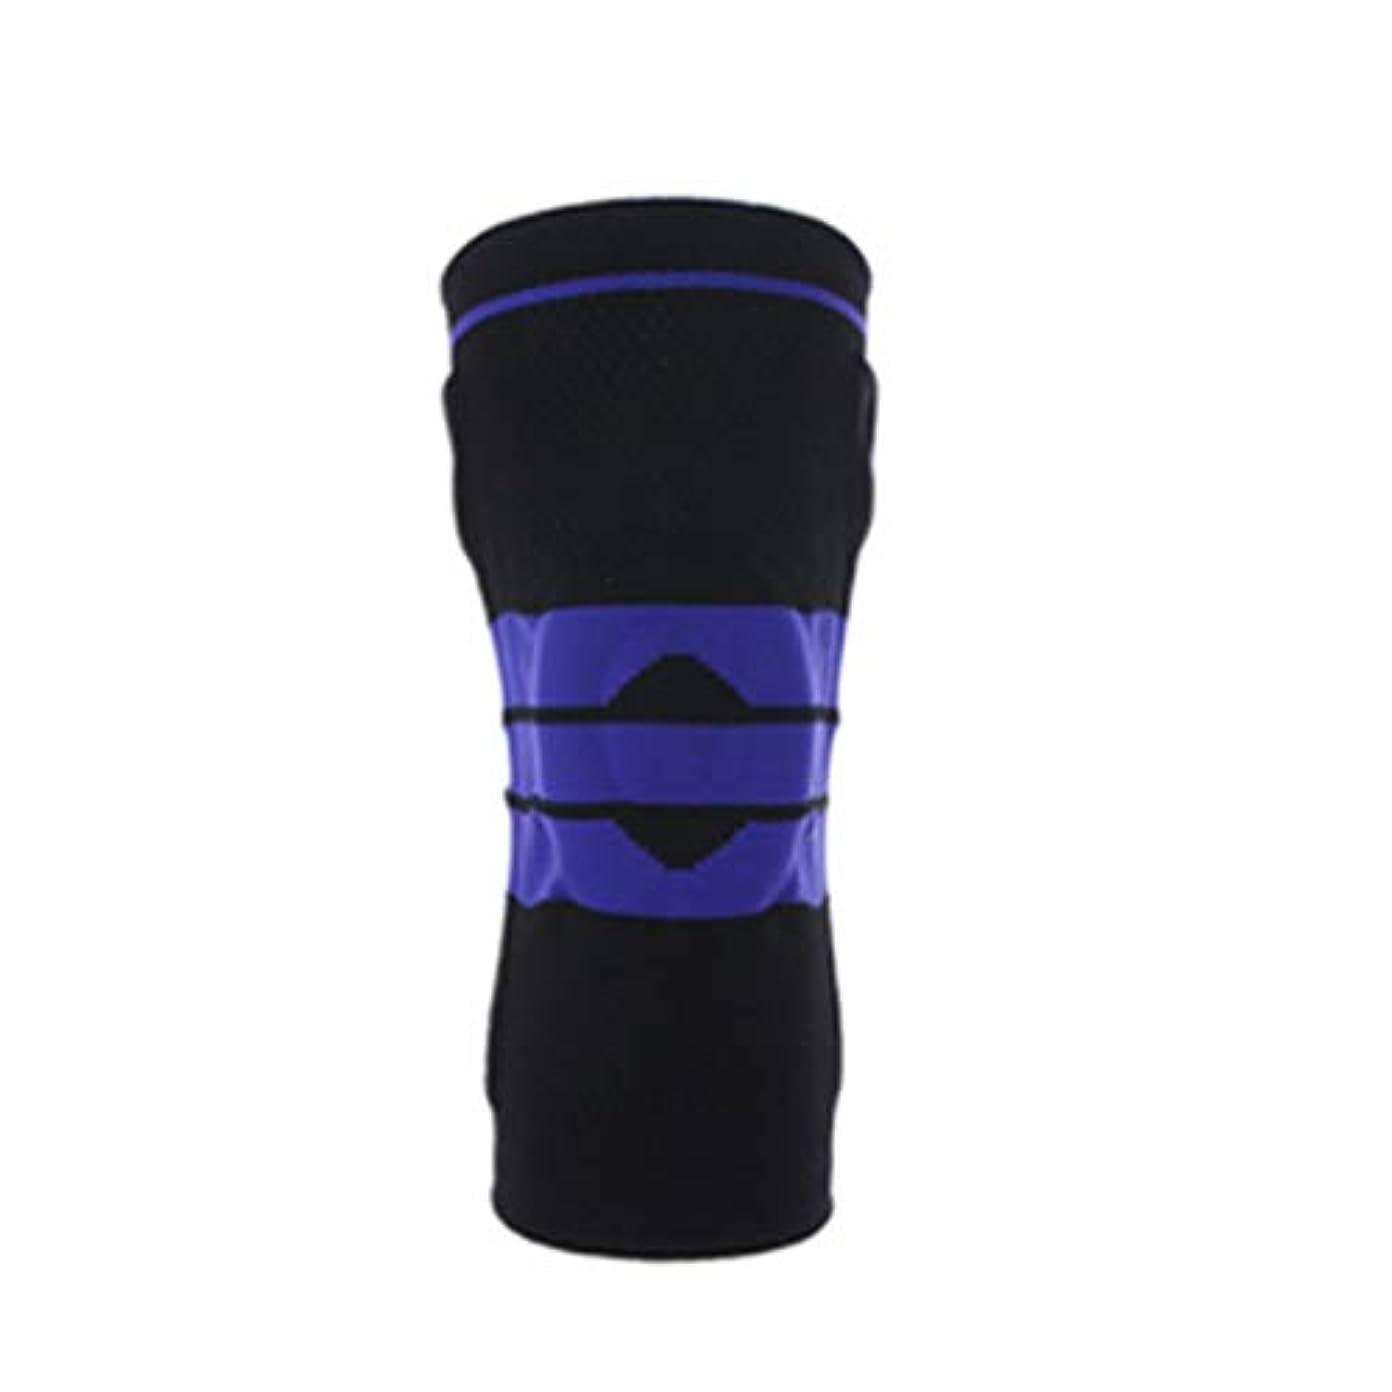 競争勝利ジャーナル男性と女性のスポーツ膝パッドシリコーンスプリングニット膝パッドバスケットボール-Rustle666